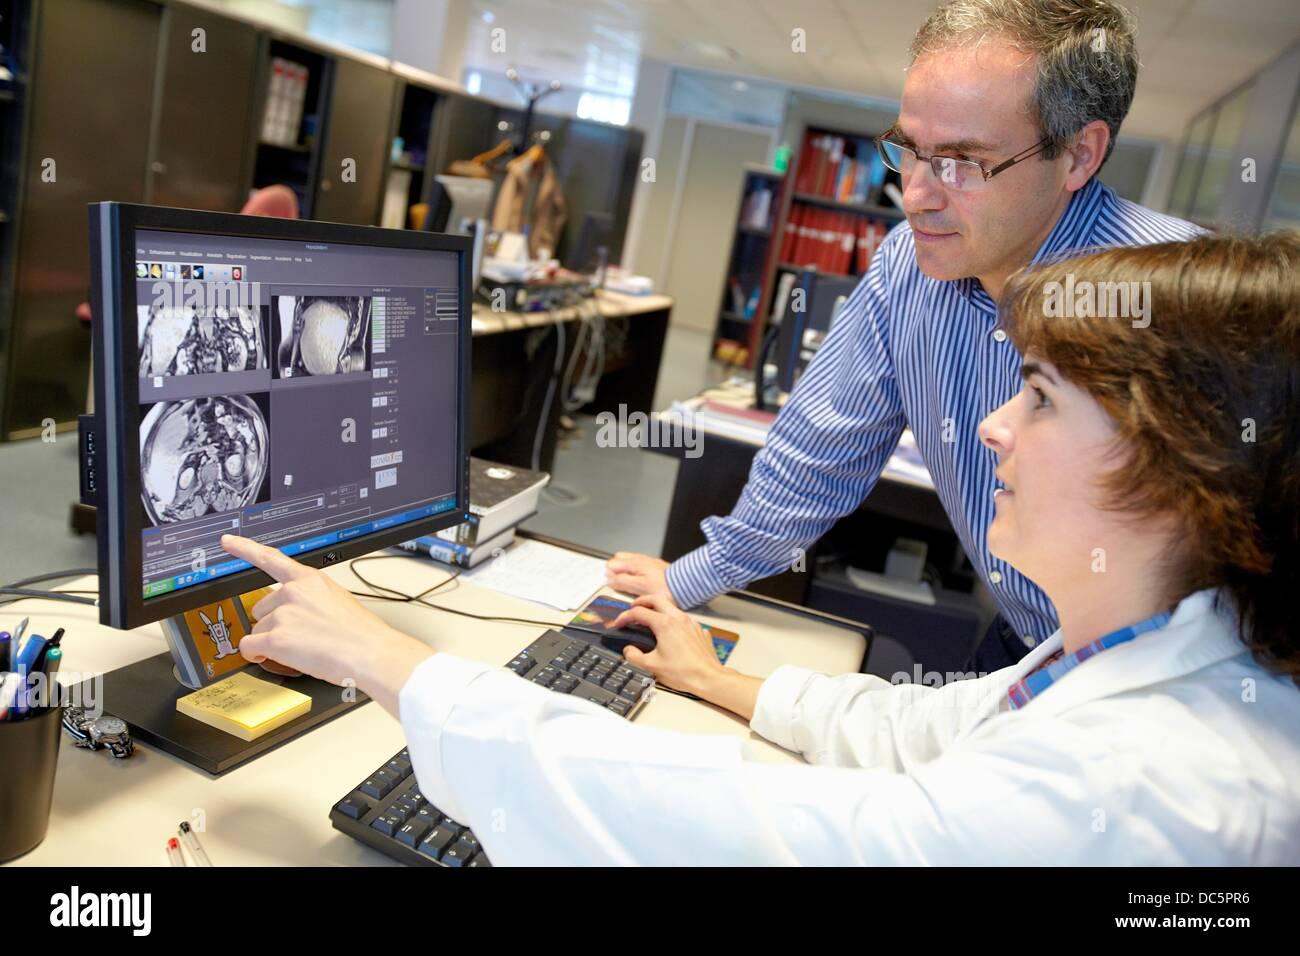 Medizinische Bilder wie MRI Verarbeitungstechniken, Segmentierung, Analyse und Diagnose, Internet der Dinge-Labor, Stockbild